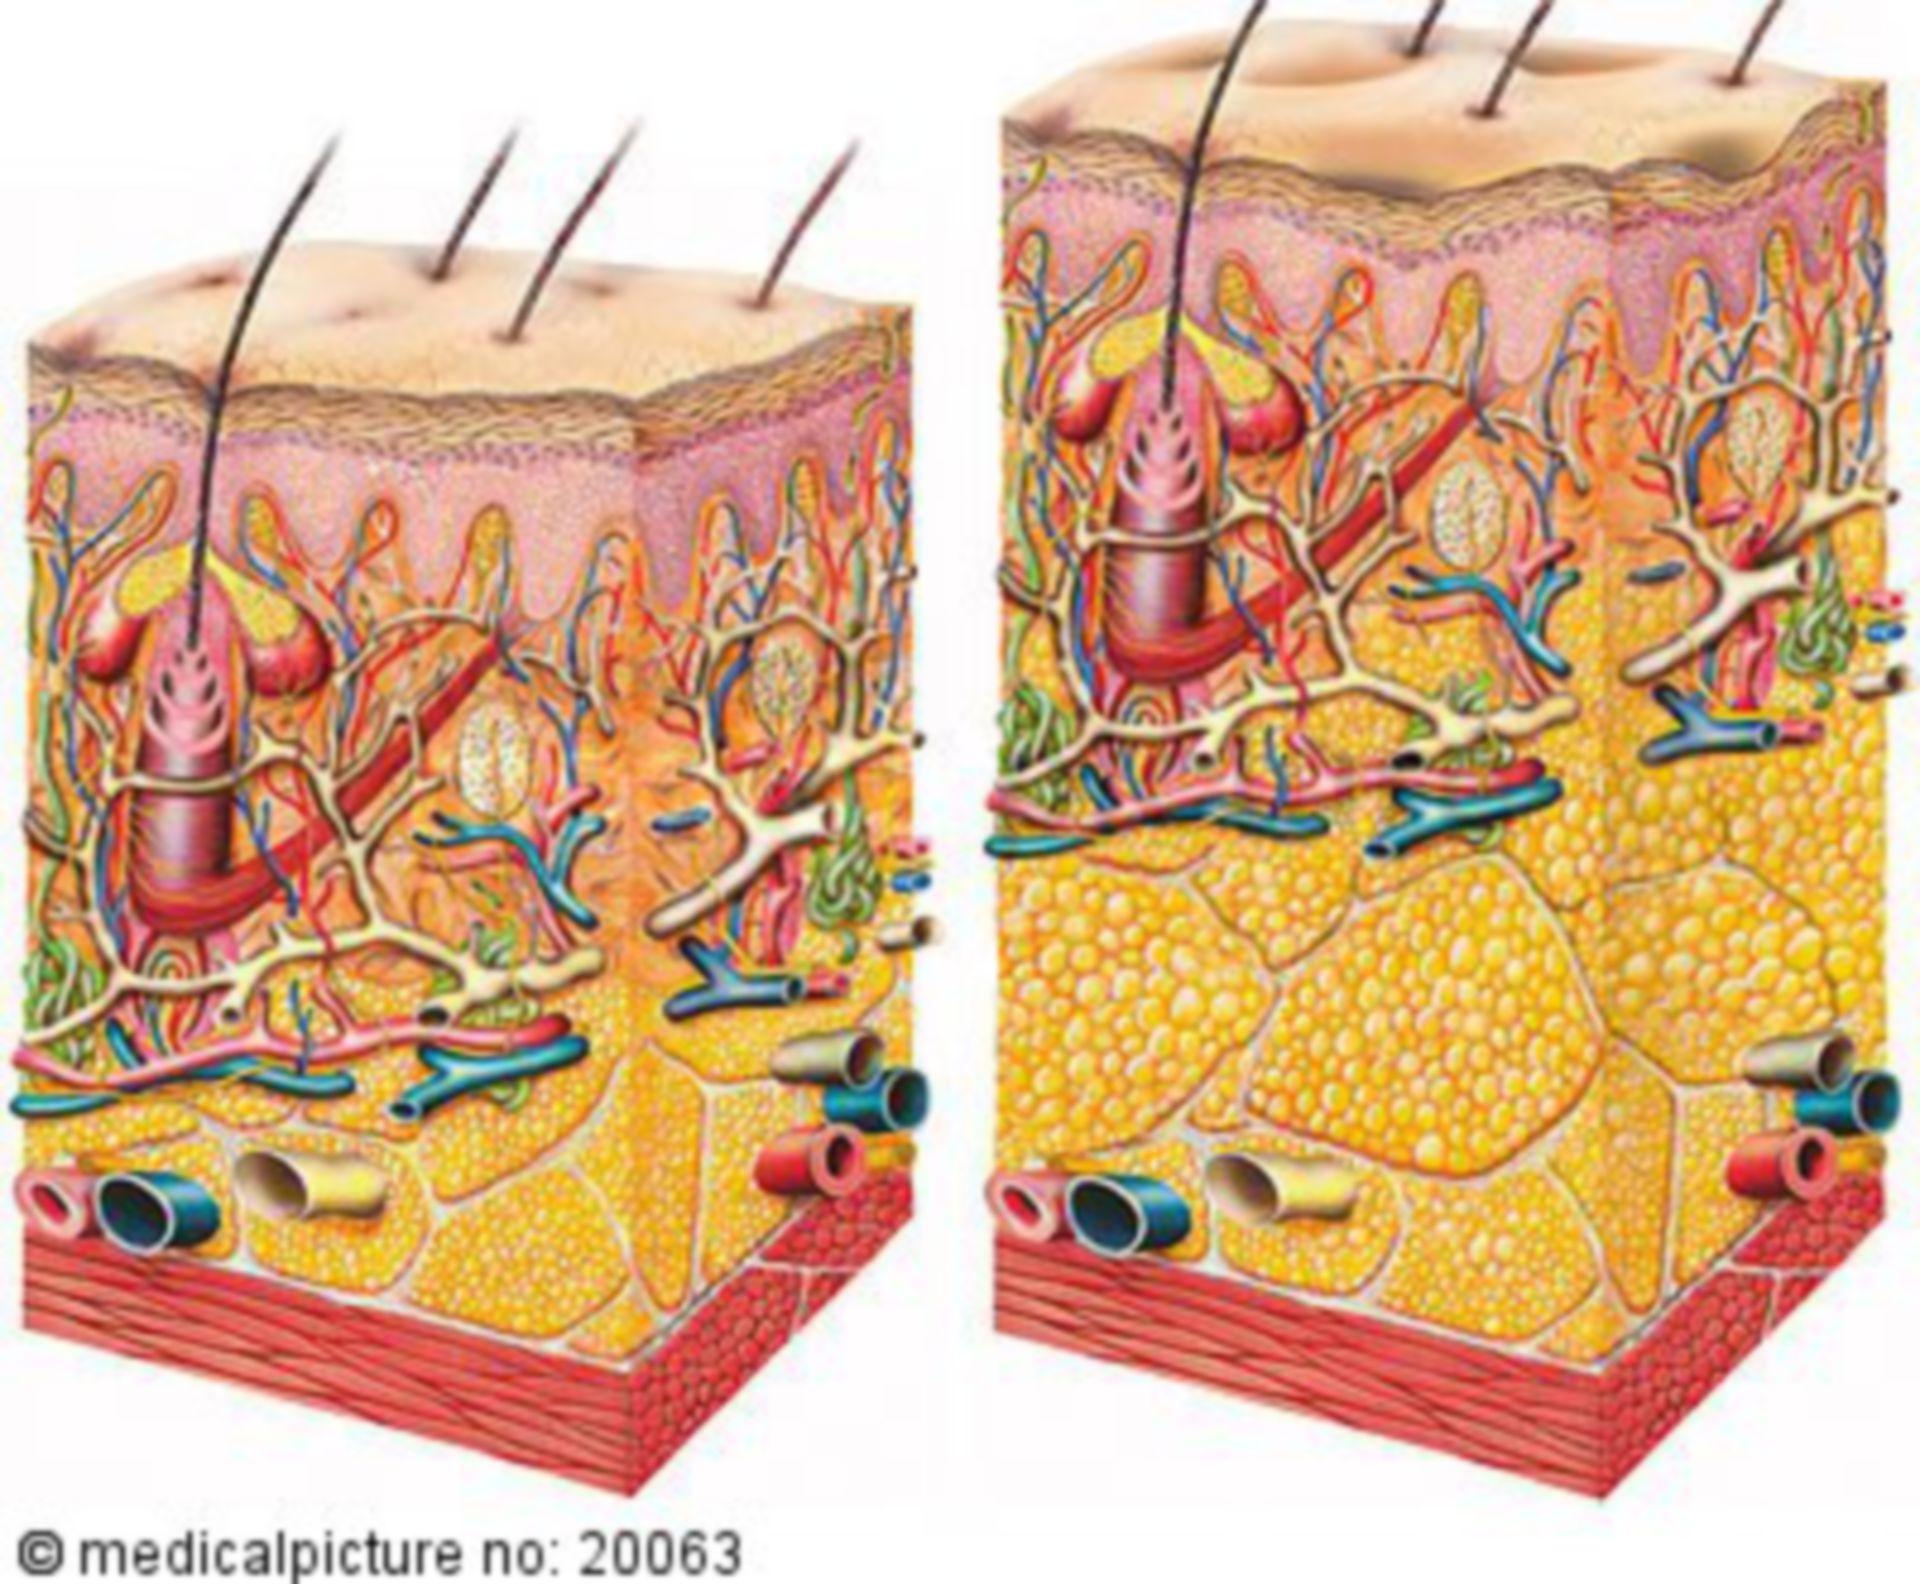 Pelle e cellulite